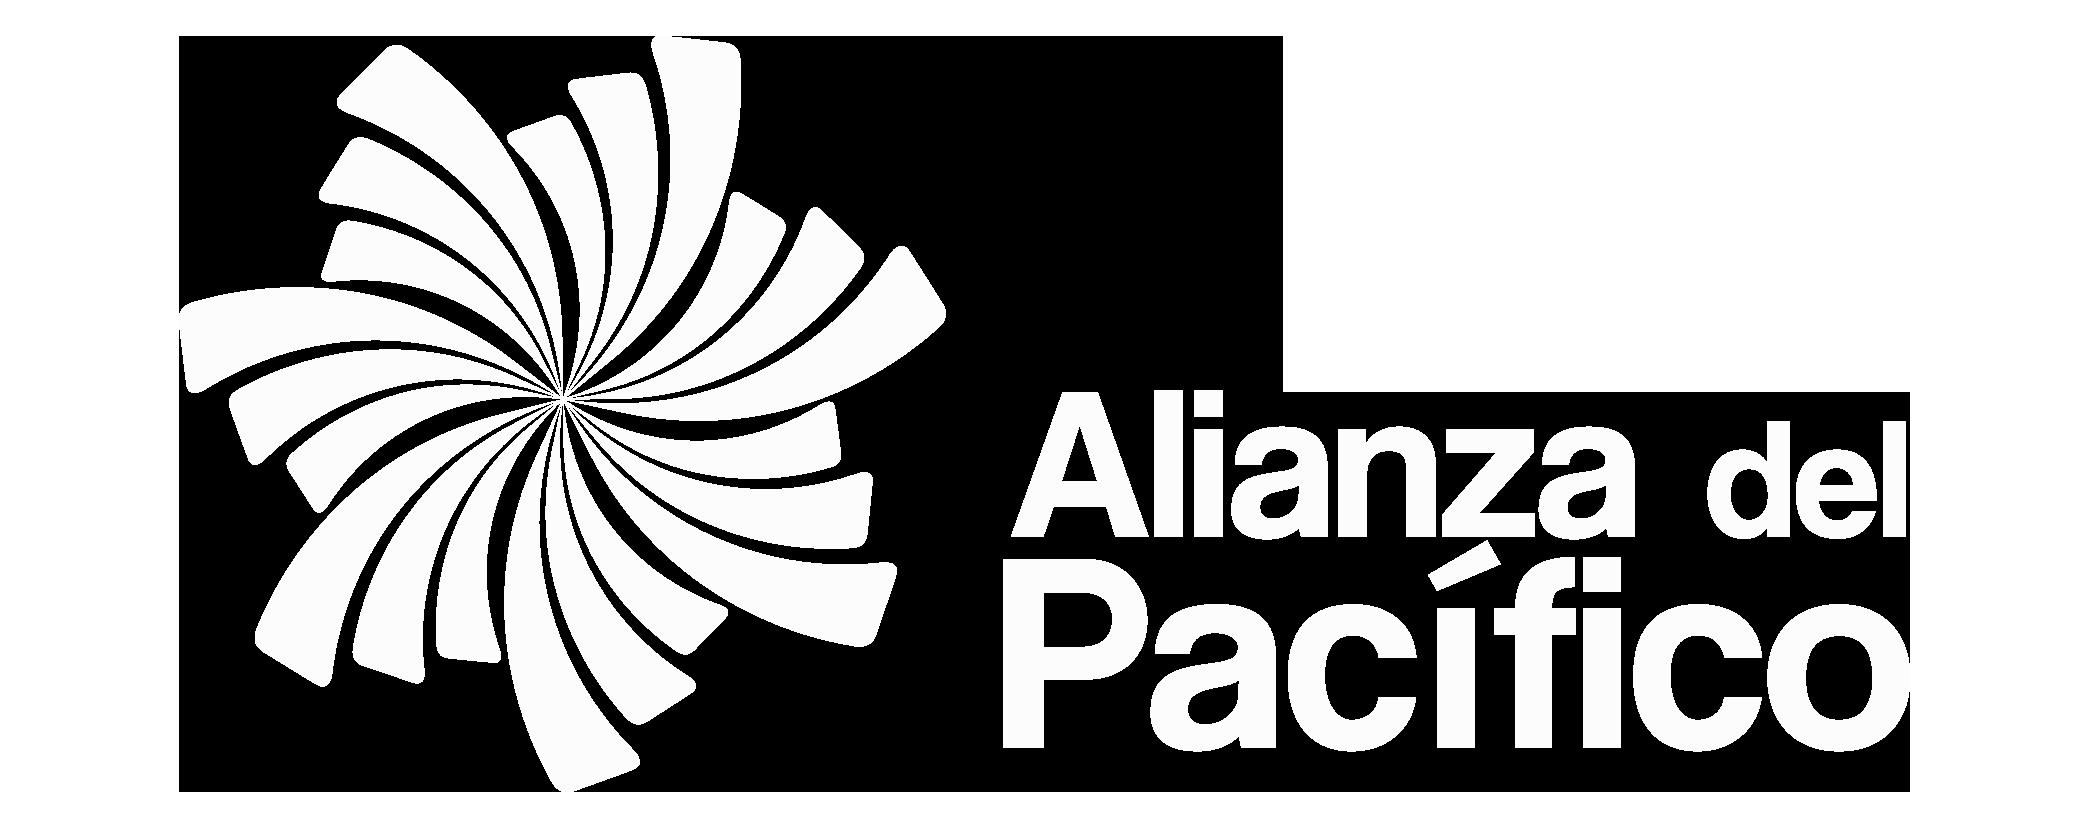 Logotipo Alianza del Pacífico